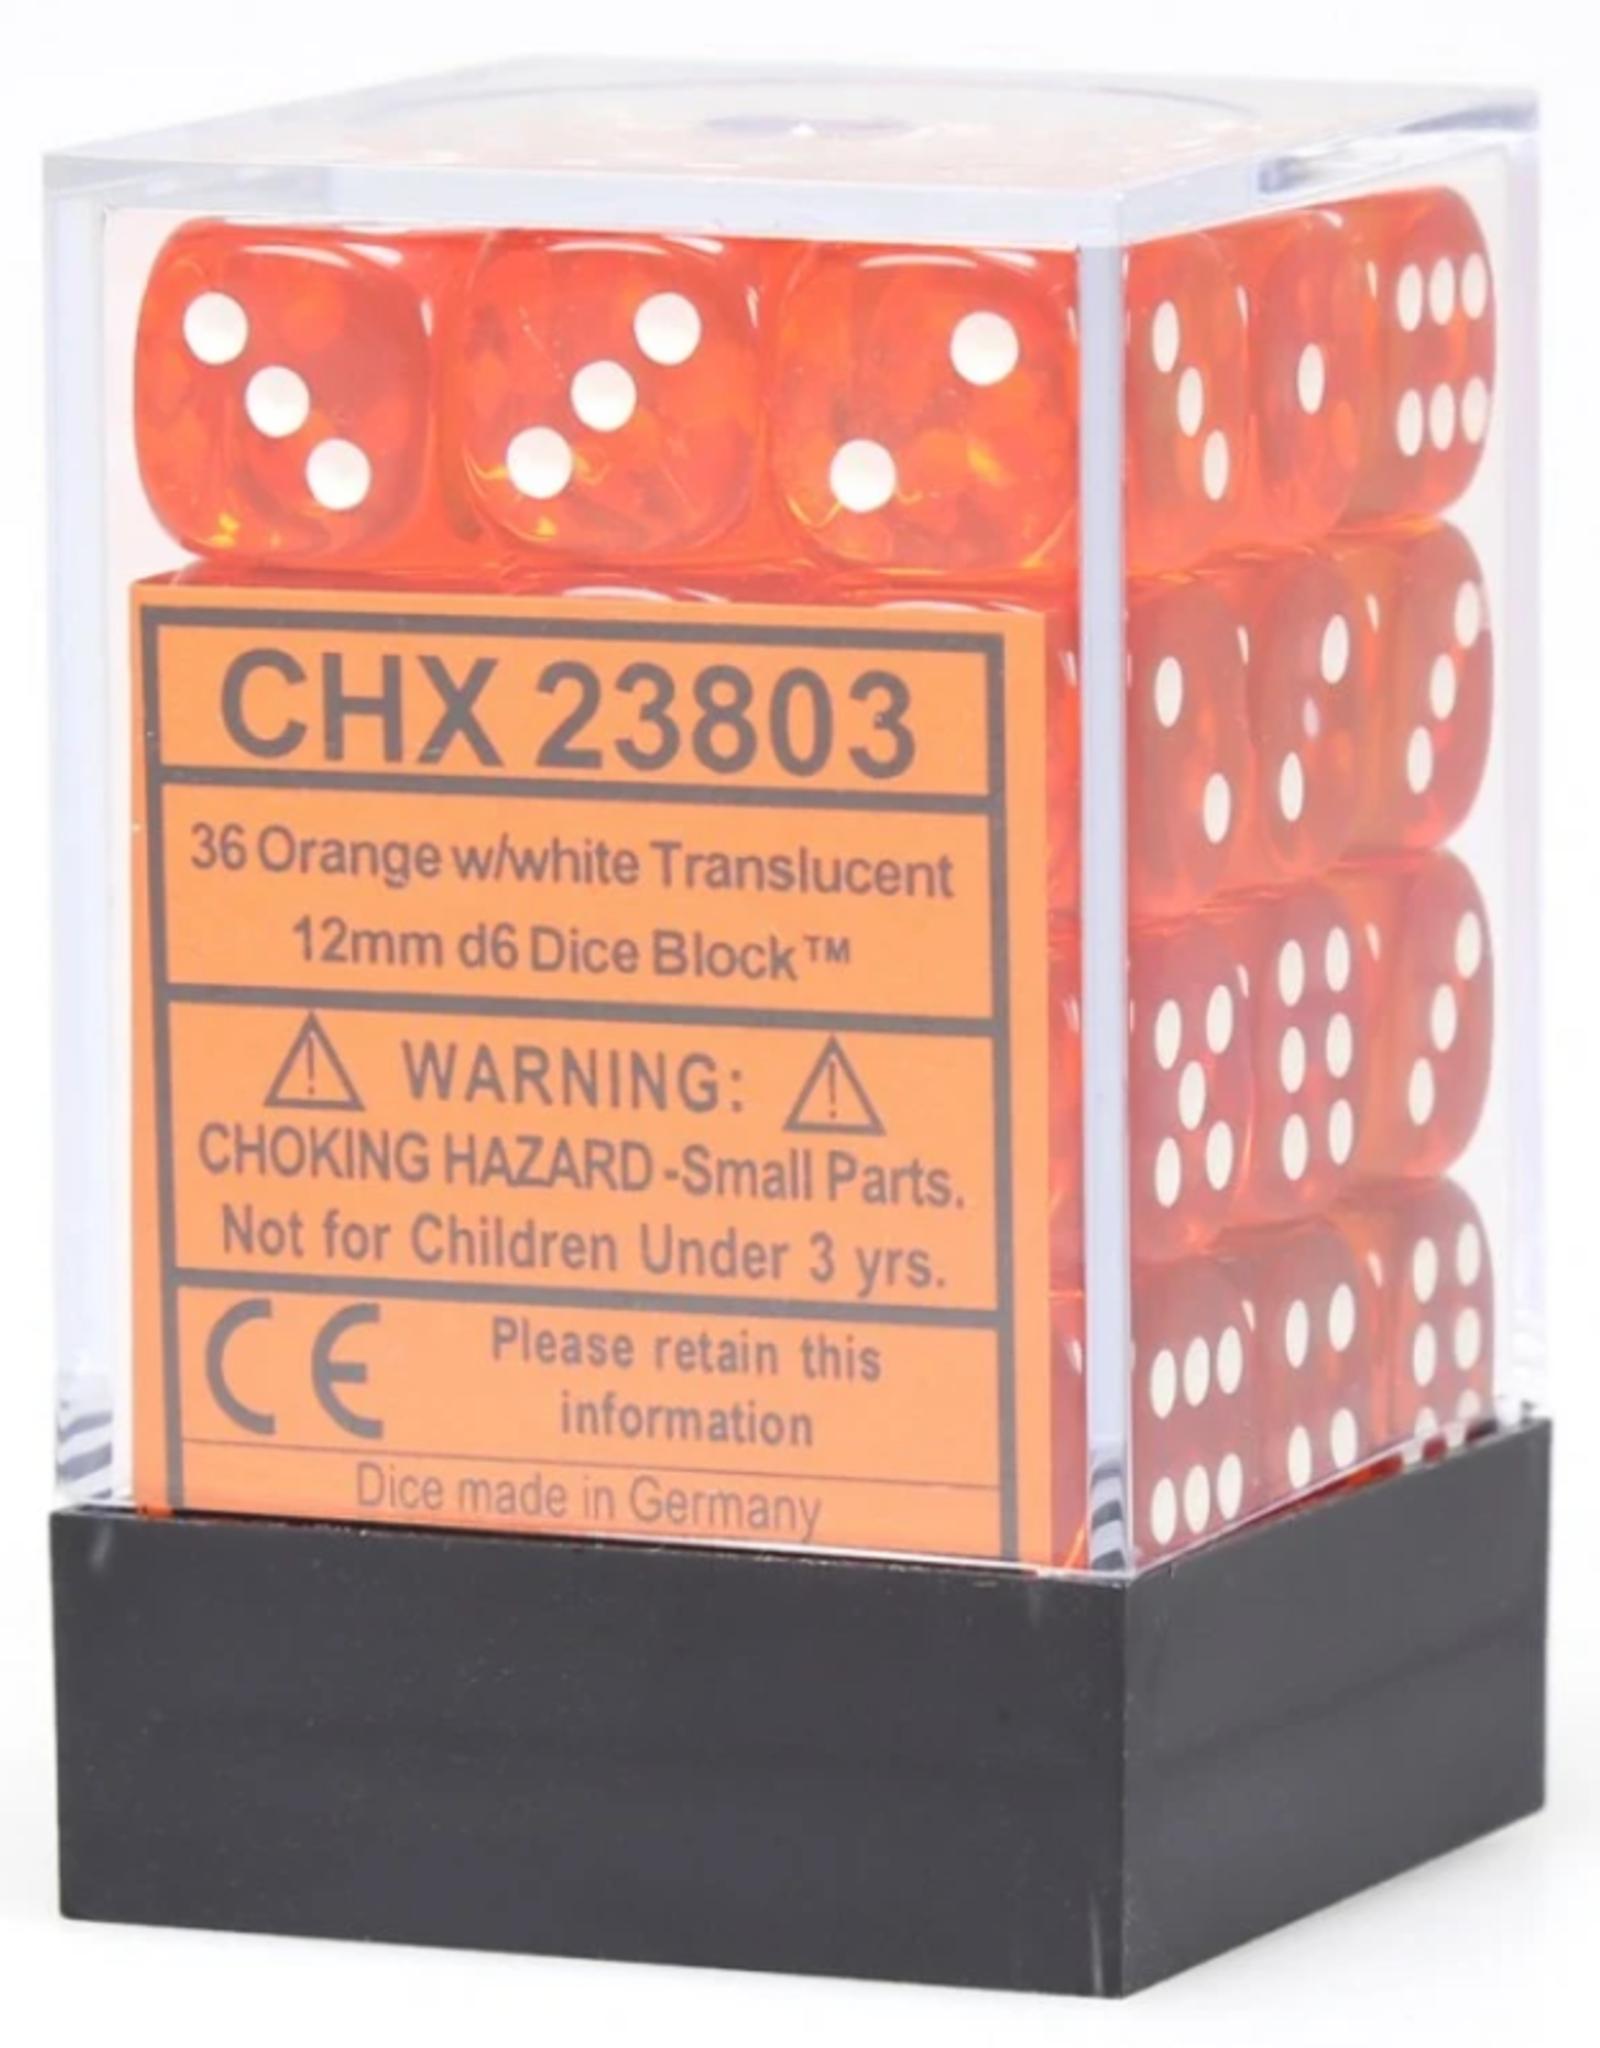 Chessex Dice Block D6 12mm 36ct. - Translucent Orange/White